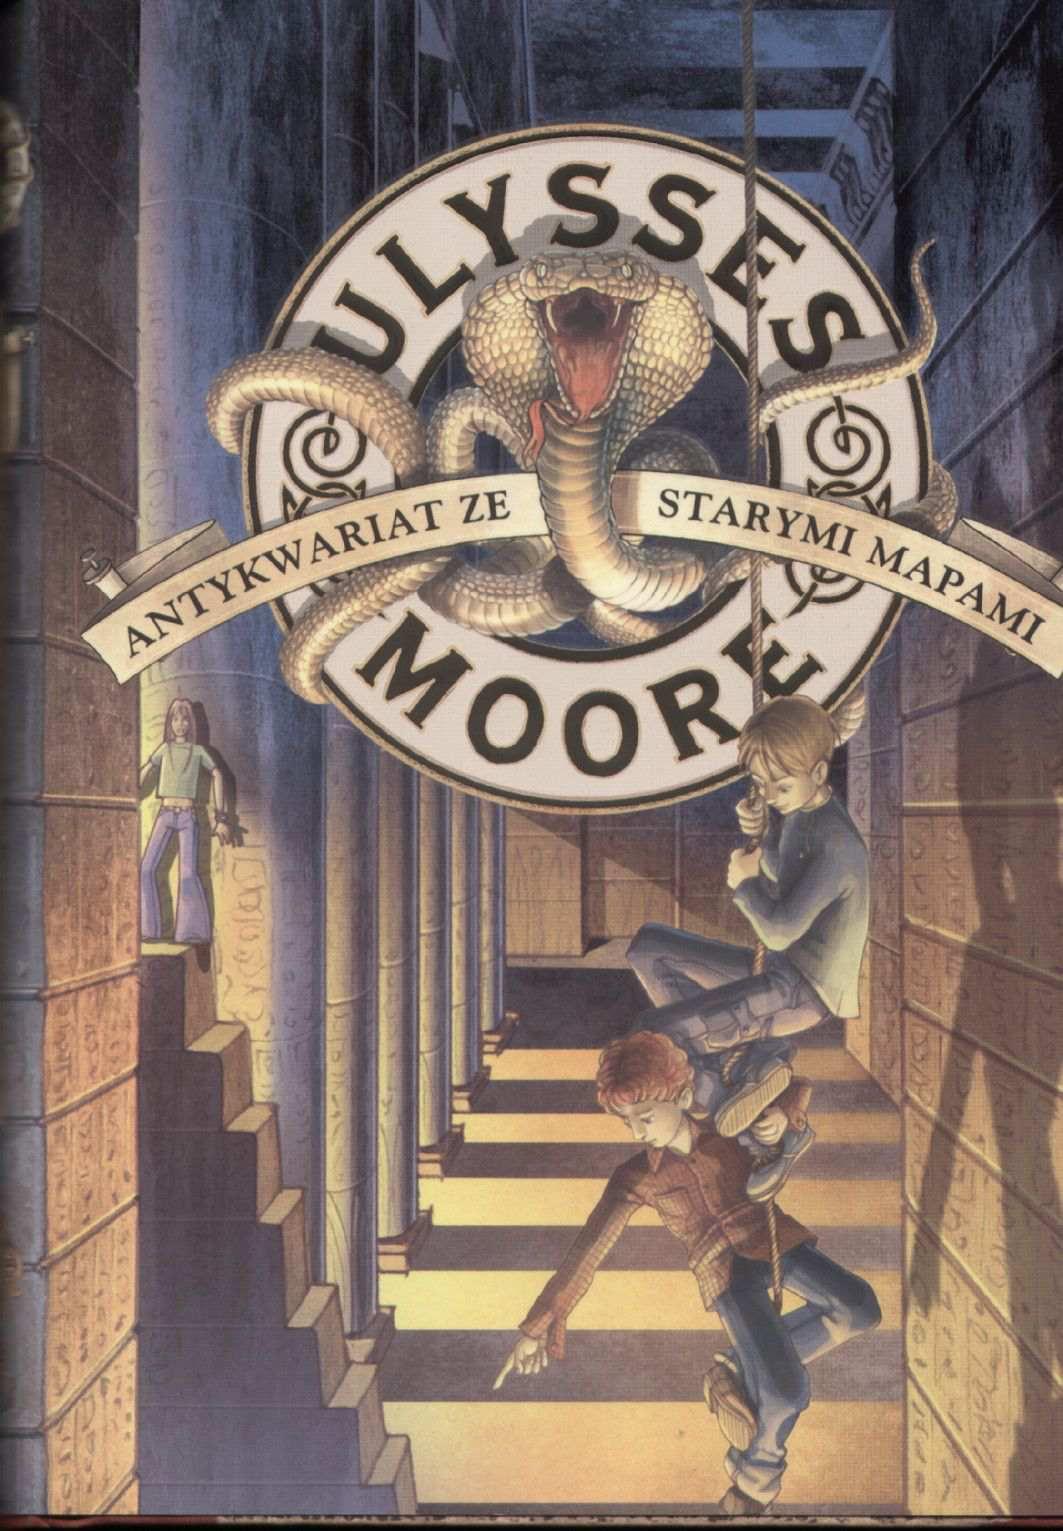 Ulysses Moore. Tom 2. Antykwariat ze starymi mapami - Ebook (Książka na Kindle) do pobrania w formacie MOBI